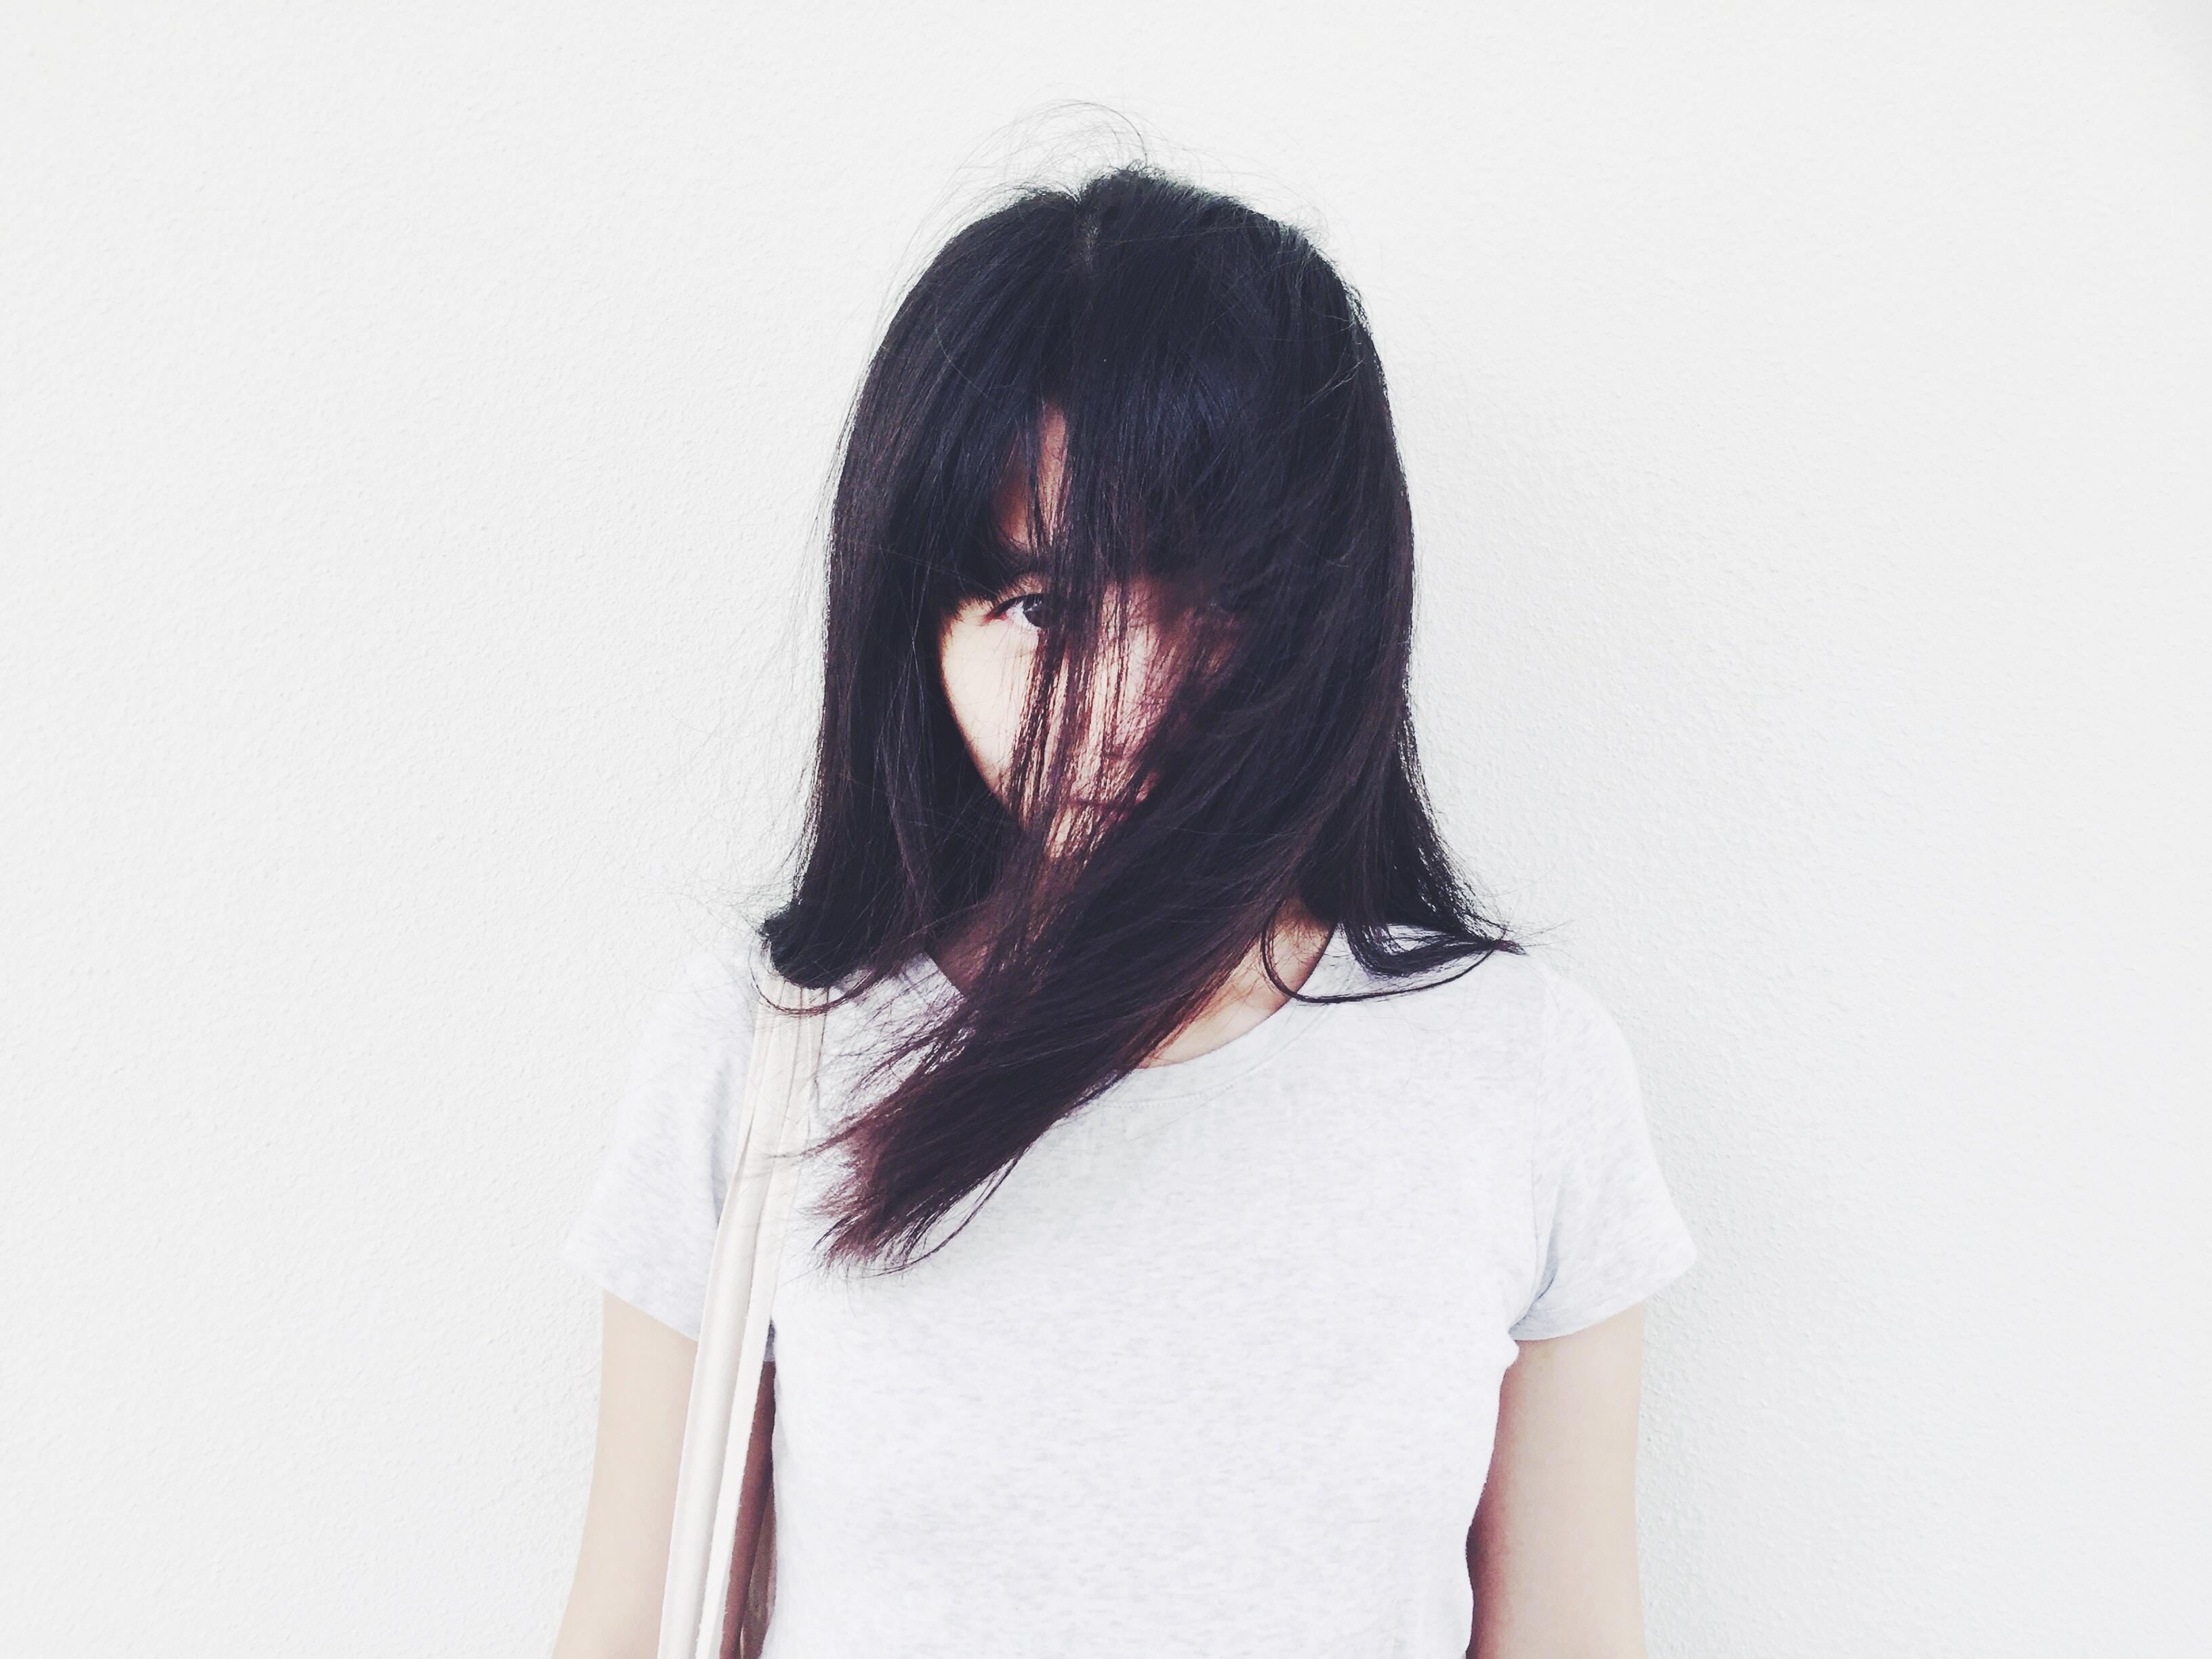 Free Unsplash photo from Derek Huang